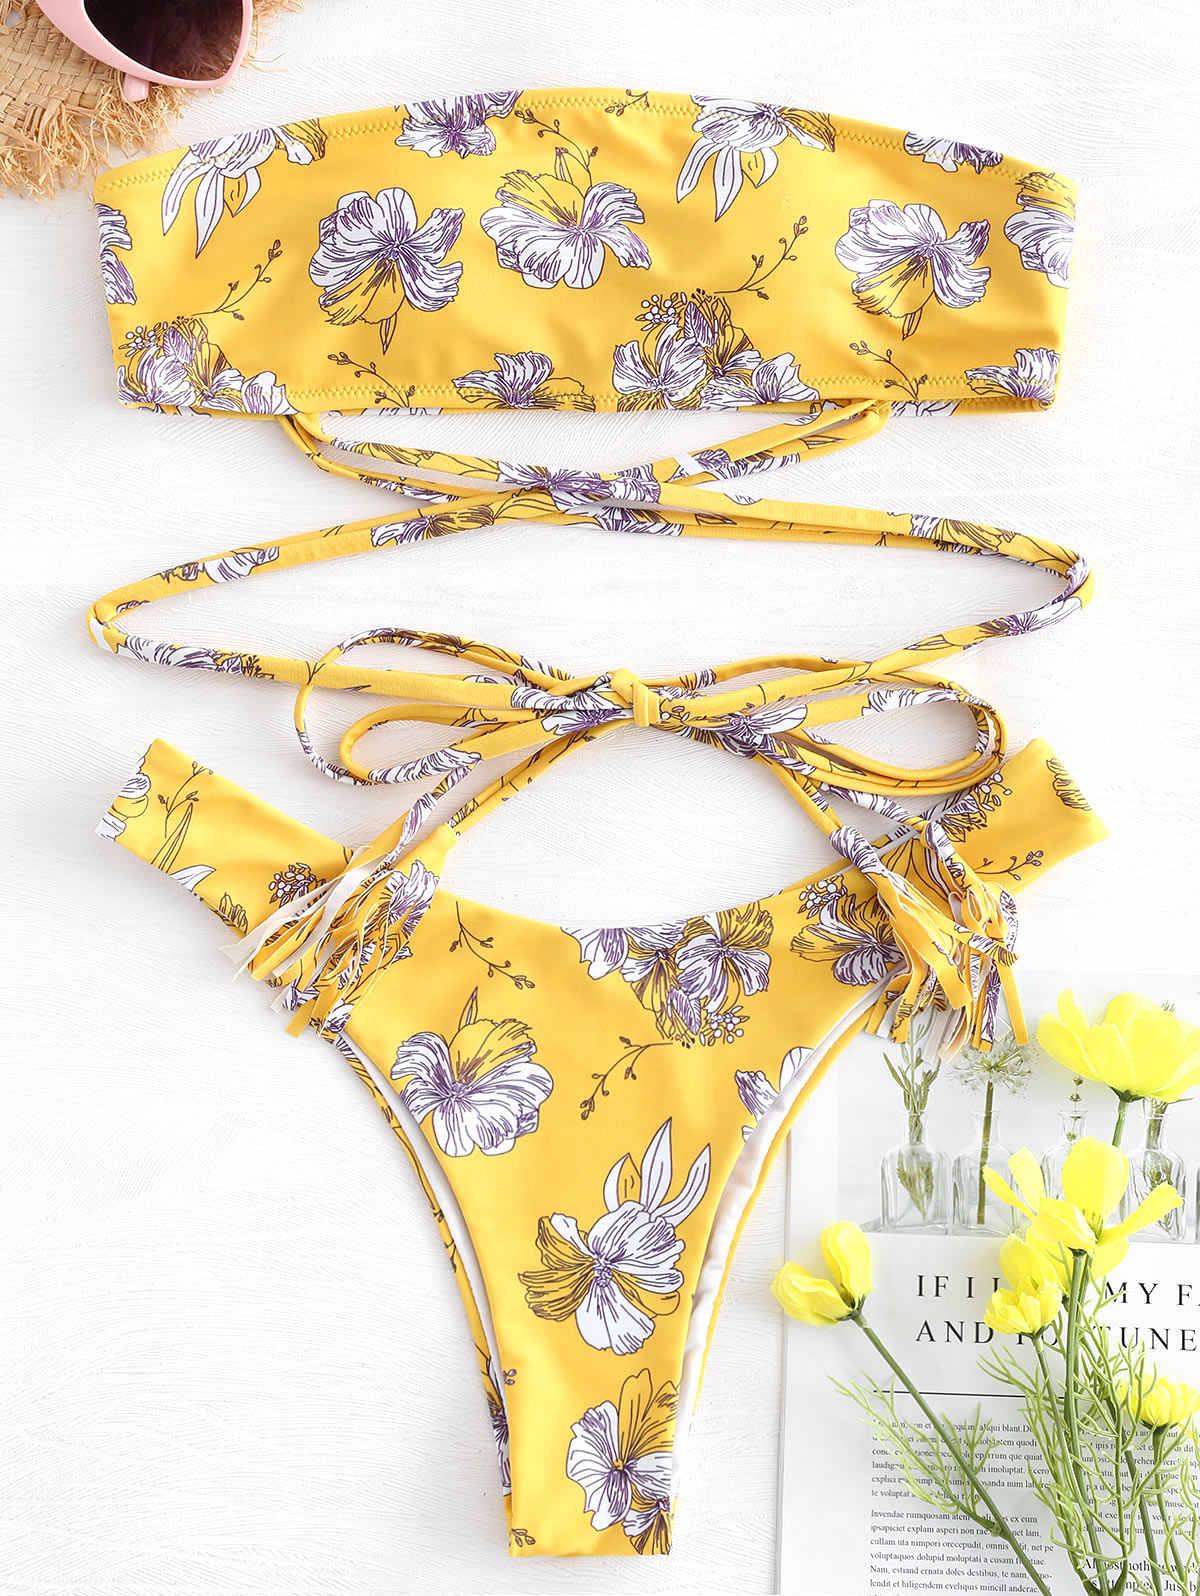 ZAFUL krawat ramię słonecznika dziurki od klucza Bikini 2019 stroje kąpielowe kobiety Bikini wysoko wycięte Spaghetti pasek usztywniony kostium kąpielowy lato stroje kąpielowe